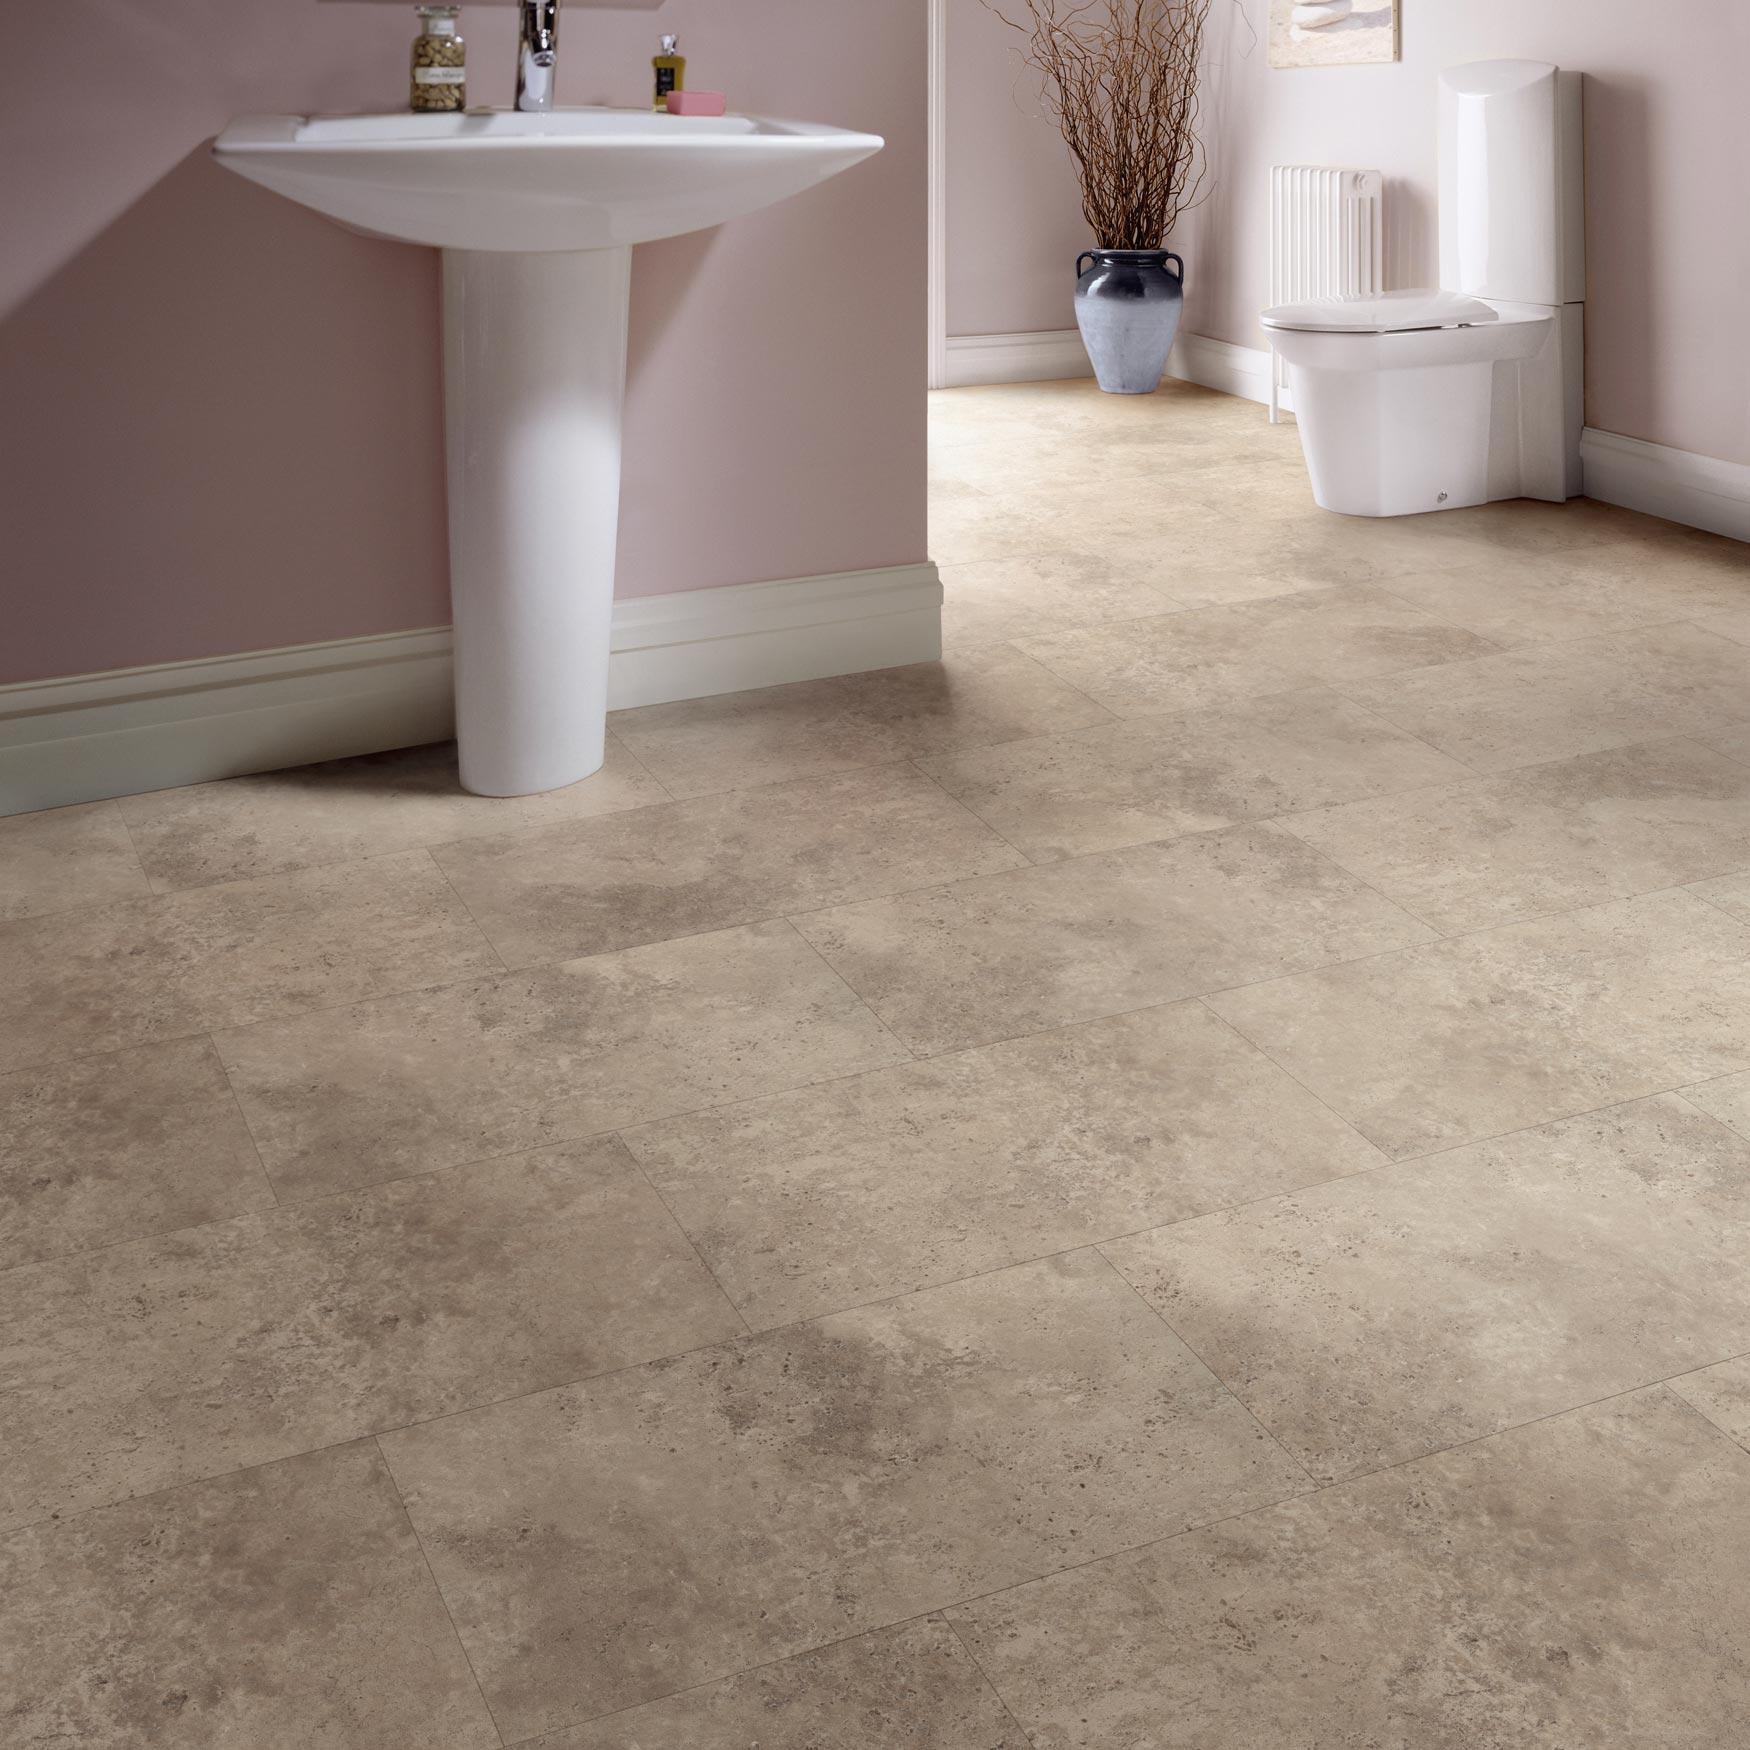 Brilliant Karndean Flooring Installers  Karndean Specialists  Horsham